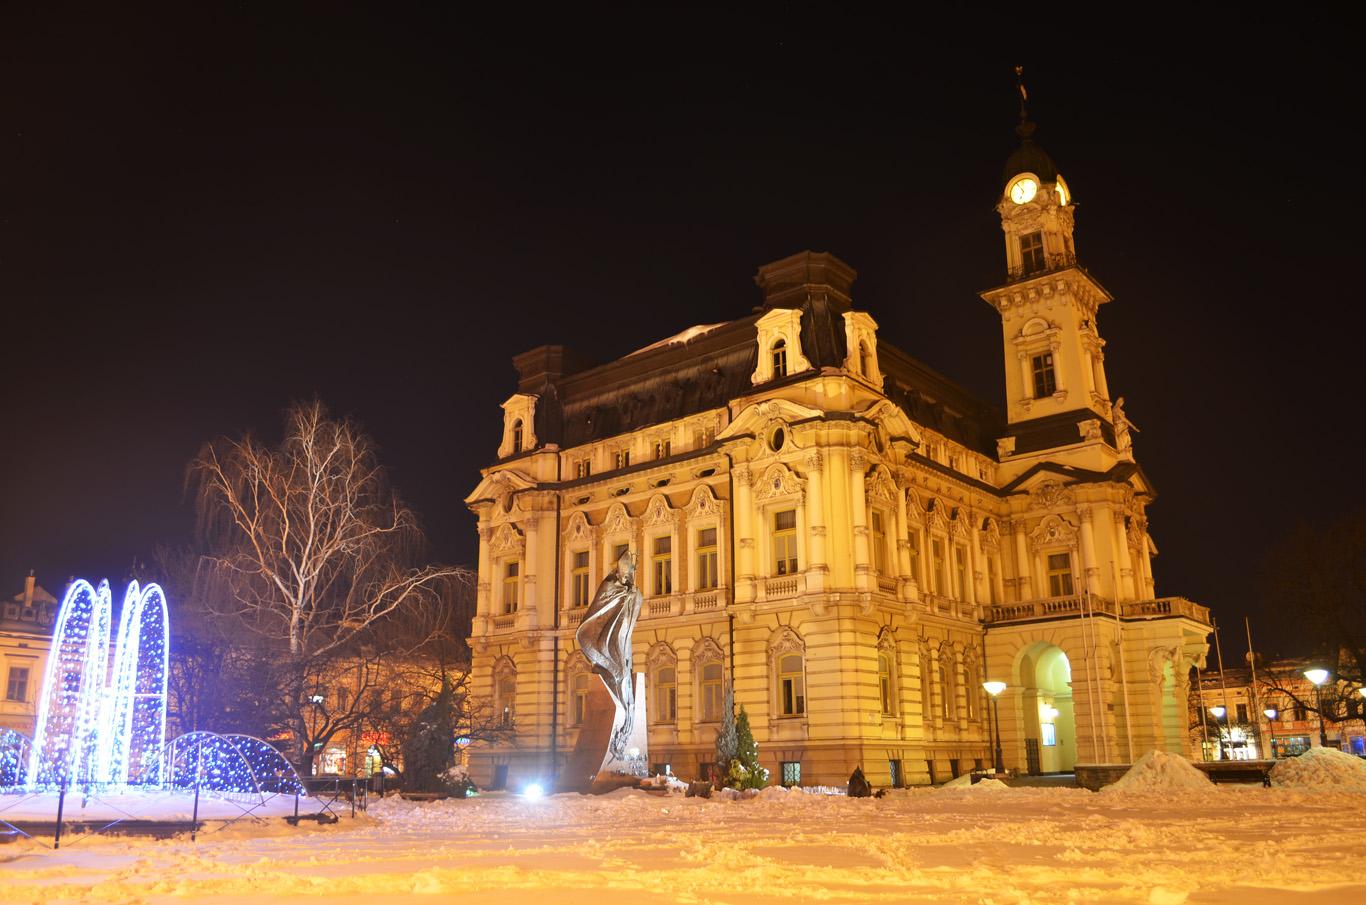 Nowy Sacz ratusz - town hall